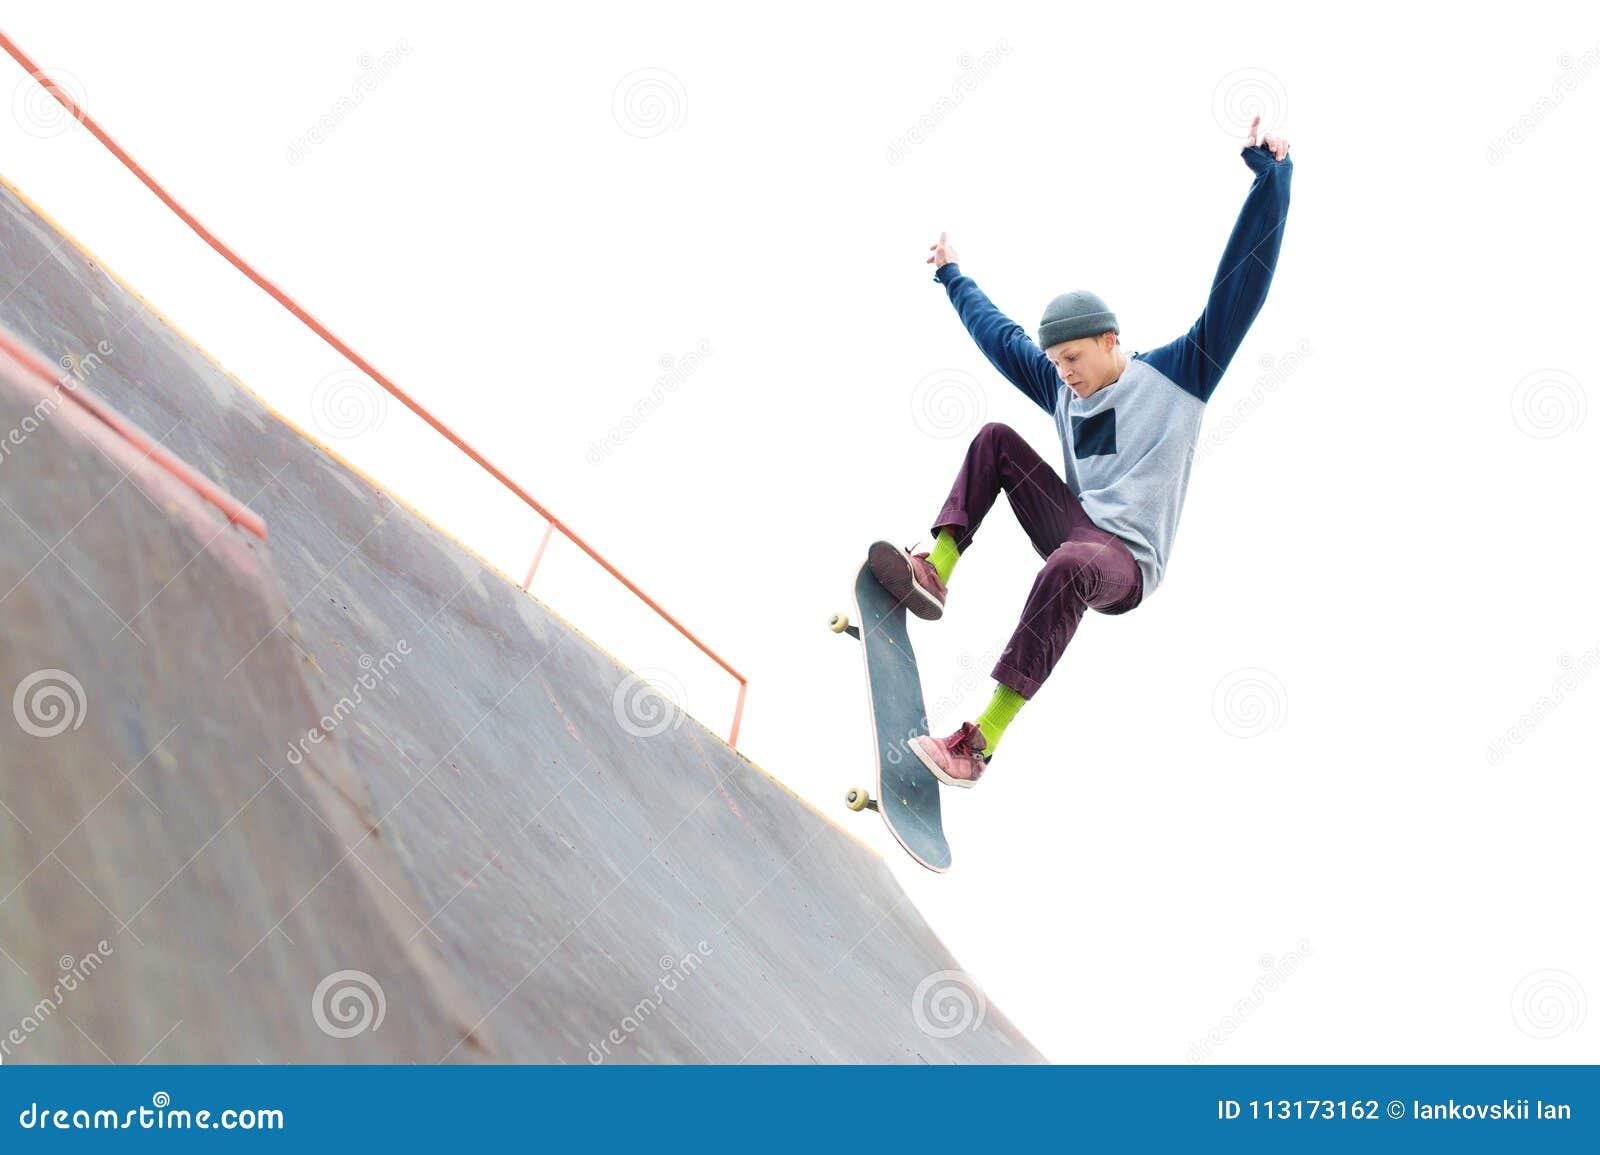 Tonåringskateboarderen i locket gör ett trick med ett hopp på rampen i skateparken Isolerad skateboradåkare och ramp på